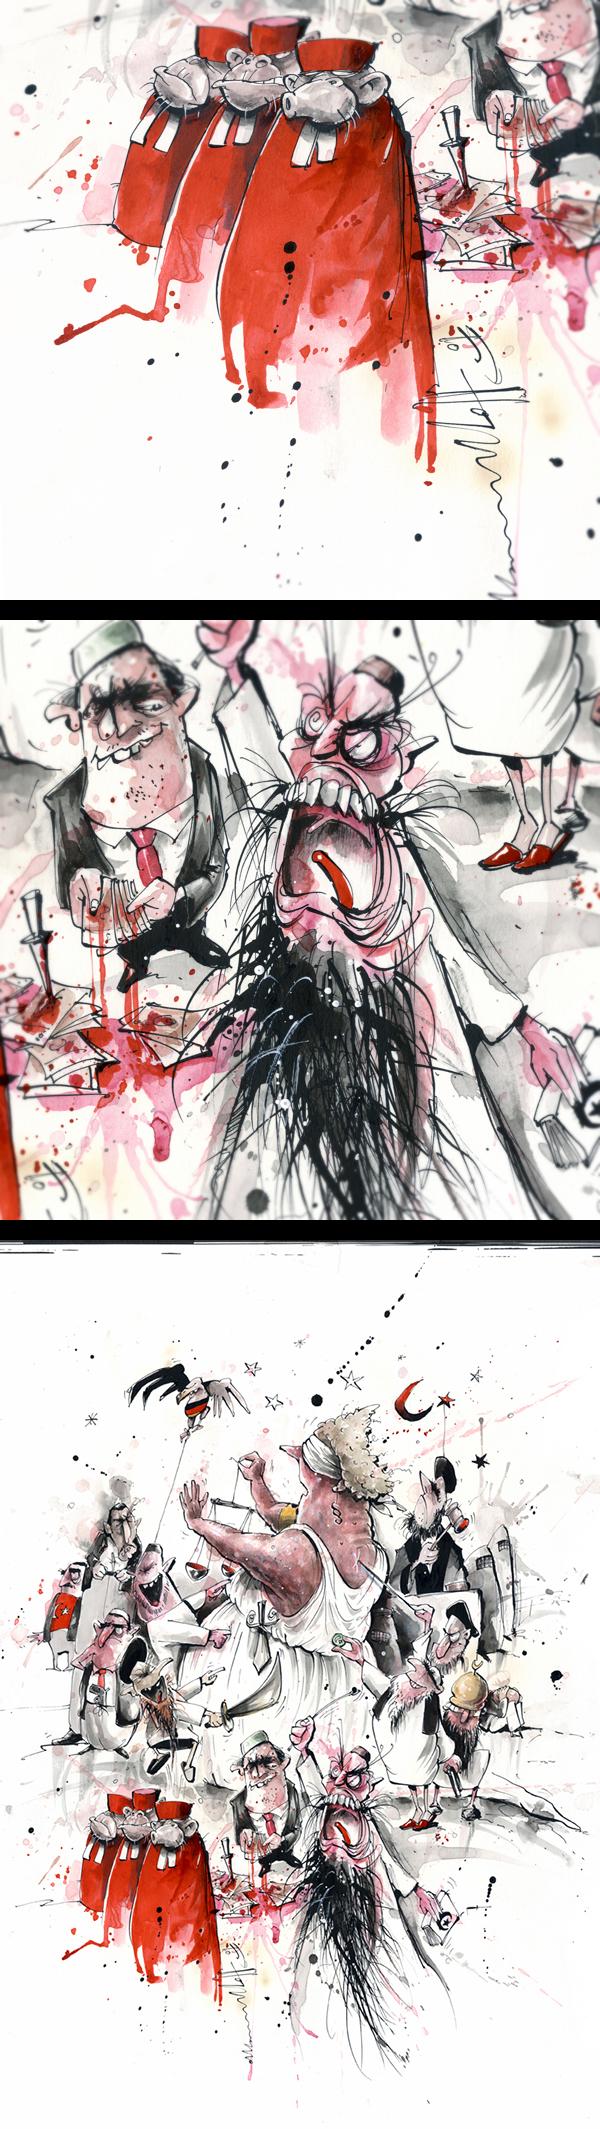 Frank Hoppmann | Rolling Stone magazin : Parallelgesellschaft - 2011